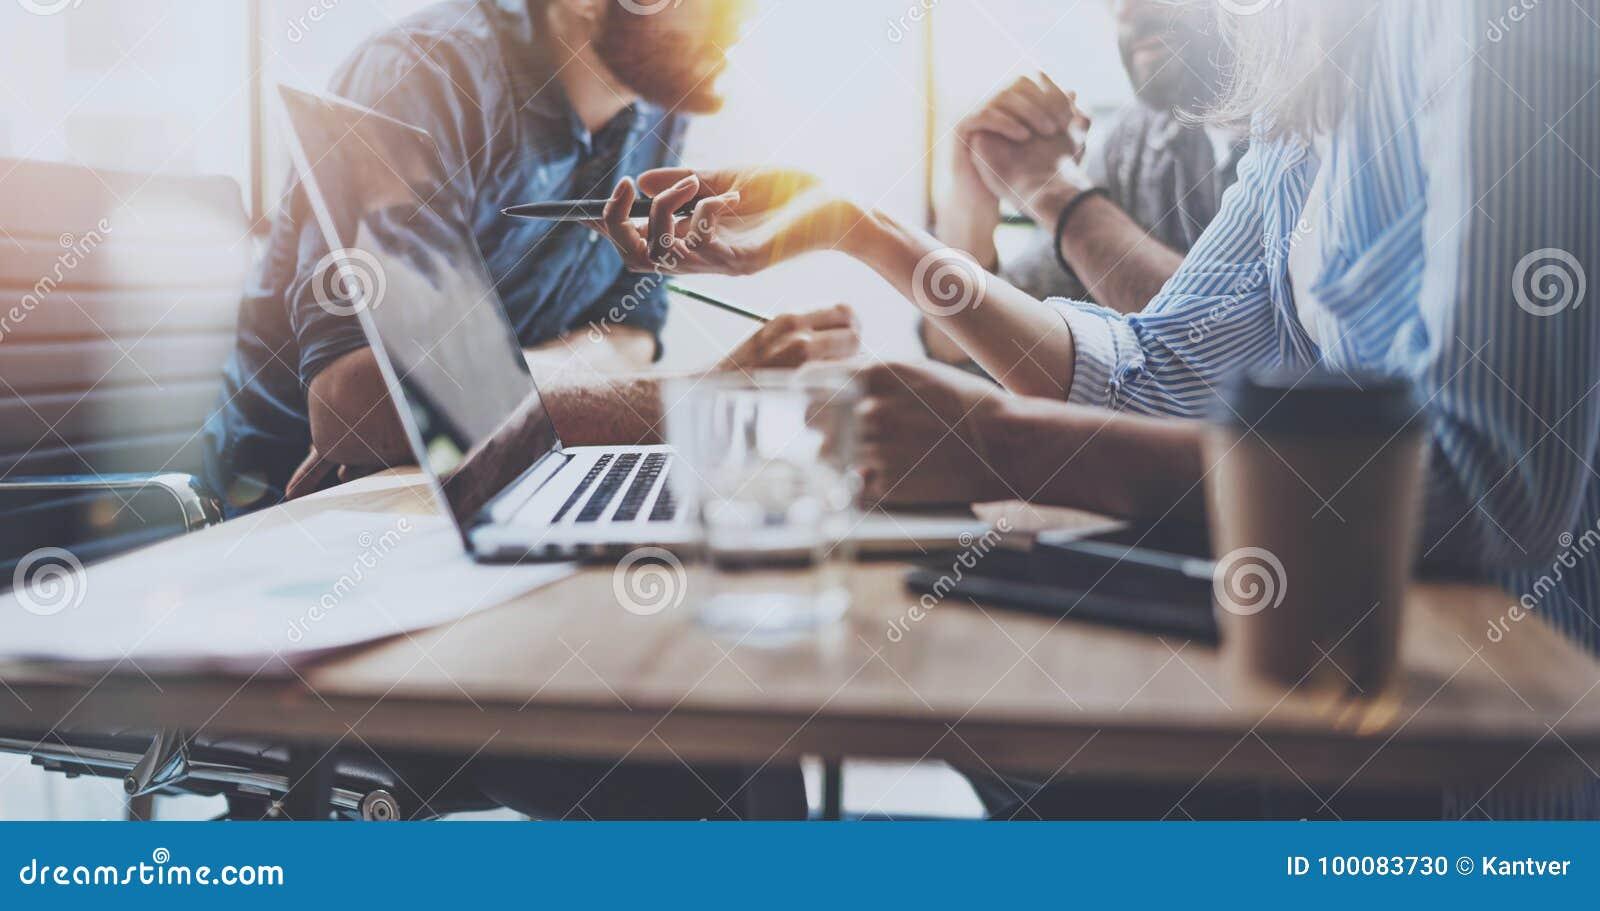 Idékläckningprocess på det soliga kontoret Unga coworkers arbetar tillsammans den moderna kontorsstudion Ungdomarframställning